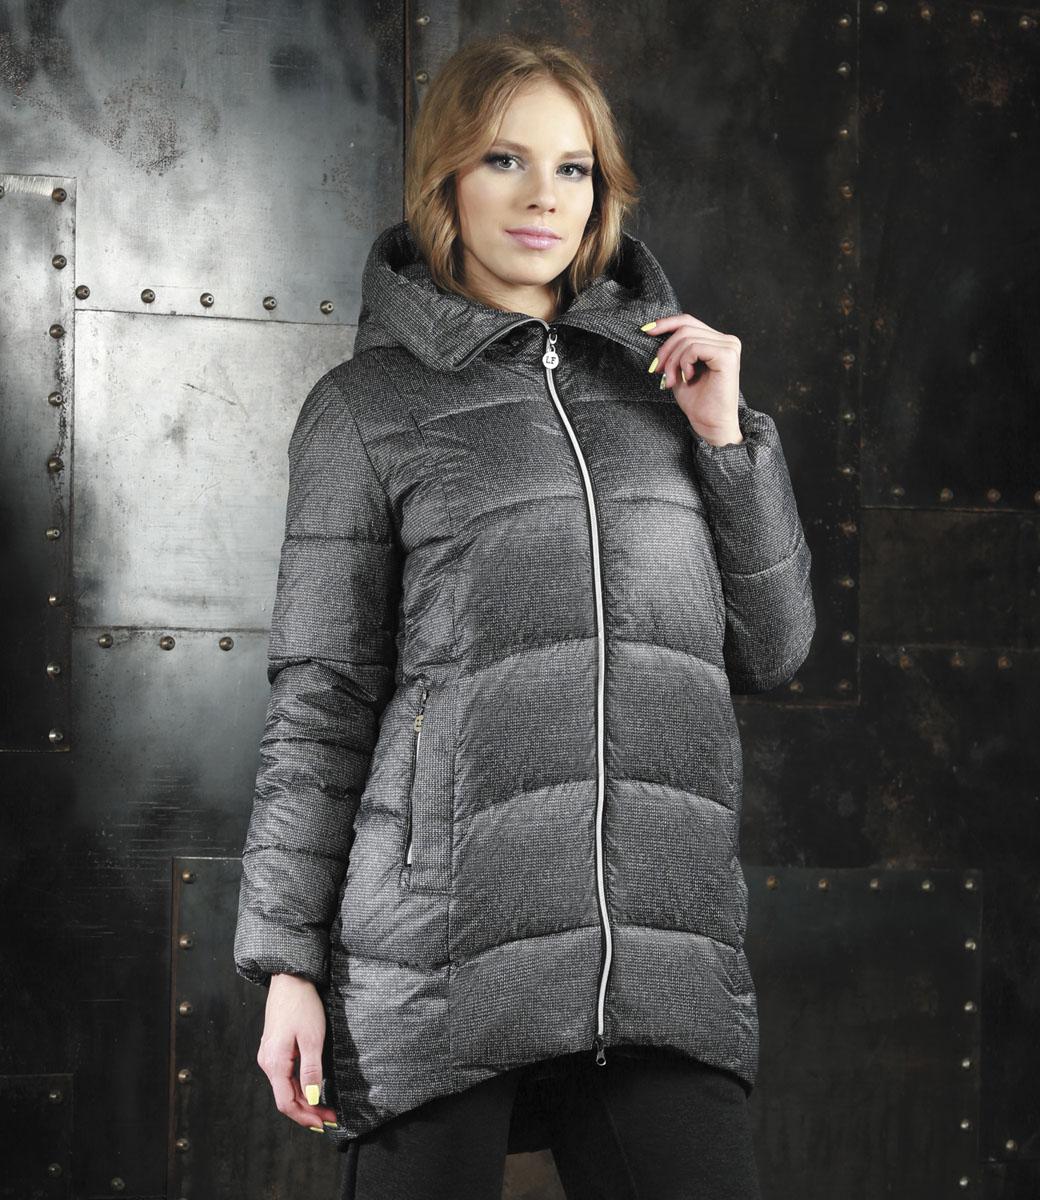 КурткаAL-2961/1Удобная и комфортная куртка модного силуэта кокон с застежкой на молнию и элегантным глубоким капюшоном, отороченным мехом енота, дополнительно защищающим от непогоды. Длина до середины бедра, удлиненная по спинке, 2 боковых втачных кармана на молнии. Незаменимая модель в холодную осеннюю и зимнюю погоду. Утеплитель 100% микрофайбер. Микрофайбер это утеплитель нового поколения, который отличается повышенной теплоизоляцией, антибактериальными свойствами, долговечностью в использовании,и необычайно легок в носке и уходе. Изделия легко стираются в машинке, не теряя первоначального внешнего вида.